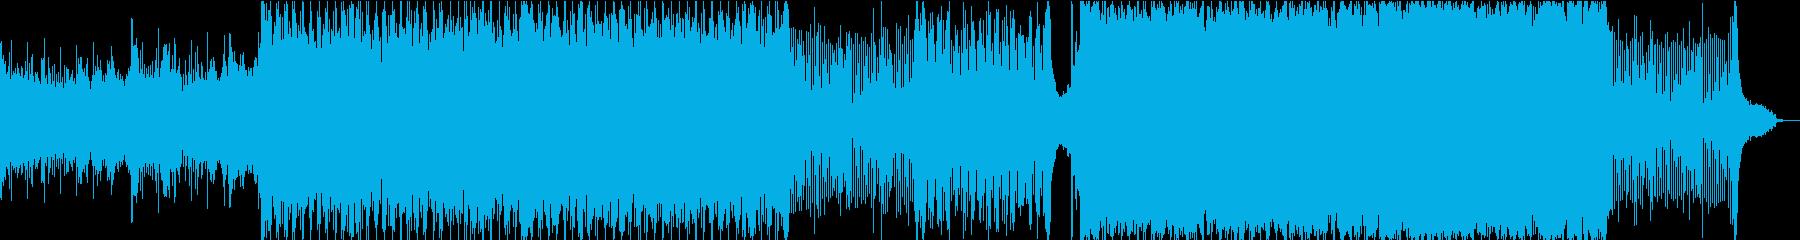 現代的 交響曲 エレクトロ ブレイ...の再生済みの波形